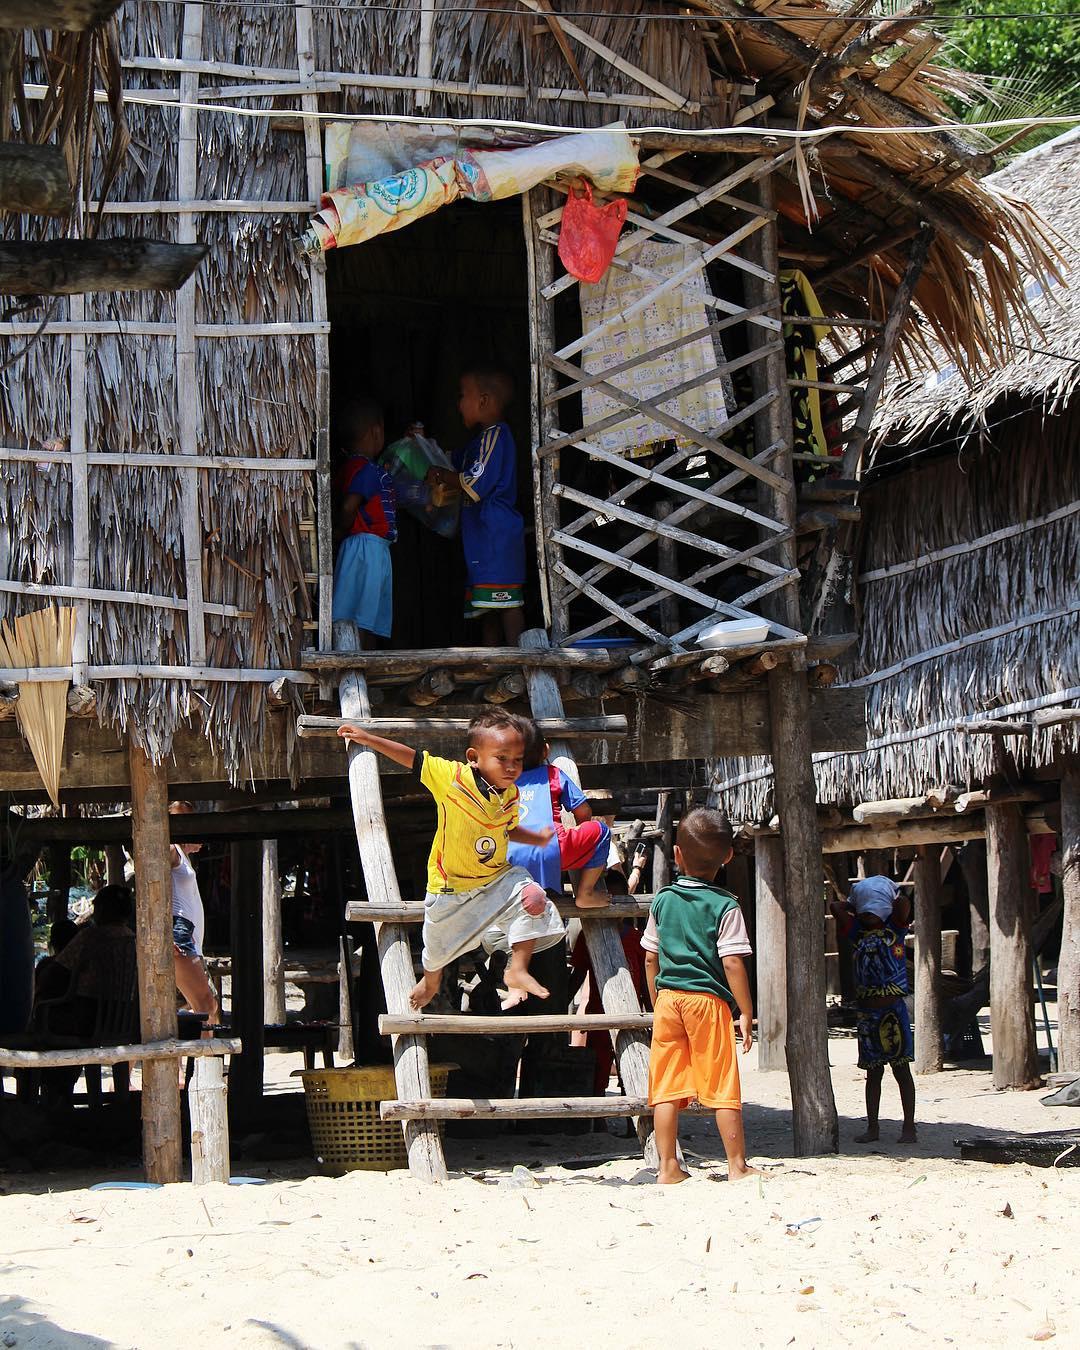 Entre terre et mer. Ici les enfants savent nager avant de marcher ????♀️????? . . ??♀️ Le parc national maritime de Surin (Ko Mu Surin) est composé de 5 îles dont 2 grandes îles distantes d'une centaine de mètres. . . ??♀️ Le site est exceptionnellement calme et reste naturel car les visites de l'archipel sont restreintes et contrôlées. Aucune construction n'y est autorisée ! . . . ??♀️ Les seuls habitants à Surin Tai sont les Mokens (quelques peu méprisés par les autorités), ils sont pauvres et subsistent grâce aux produits de la mer. Koh Surin Nua est la plus grande (5 km). . . ??♀️ Ces îles uniques sont composées de la plus grande et la plus fertile barrière de corail de la Thailande. Les fonds peu profonds (25 à 30 m) sont d'une grande richesse et représentent un des plus beaux sites de plongée au monde. . ⛴______ ➕ l  Les îles SURIN . ? | Khao Lak • Côte Ouest Thaïlande . ? | #PintadeThailande ? | Thaïlande Nord & Côte Ouest ??? ______ #thailande #thailand #bangkok #kohphiphi#kohlanta #kohsamui #kohphangan #kohtao #khaolak #chiangmai #cityguide #cityTrip #travel #blogTravel #TravelBlog #bloggervoyage #voYage #blogVoyage #frenchBlogger #blogueuse #blog #montpellier #pintademontpellier #food #foodlover